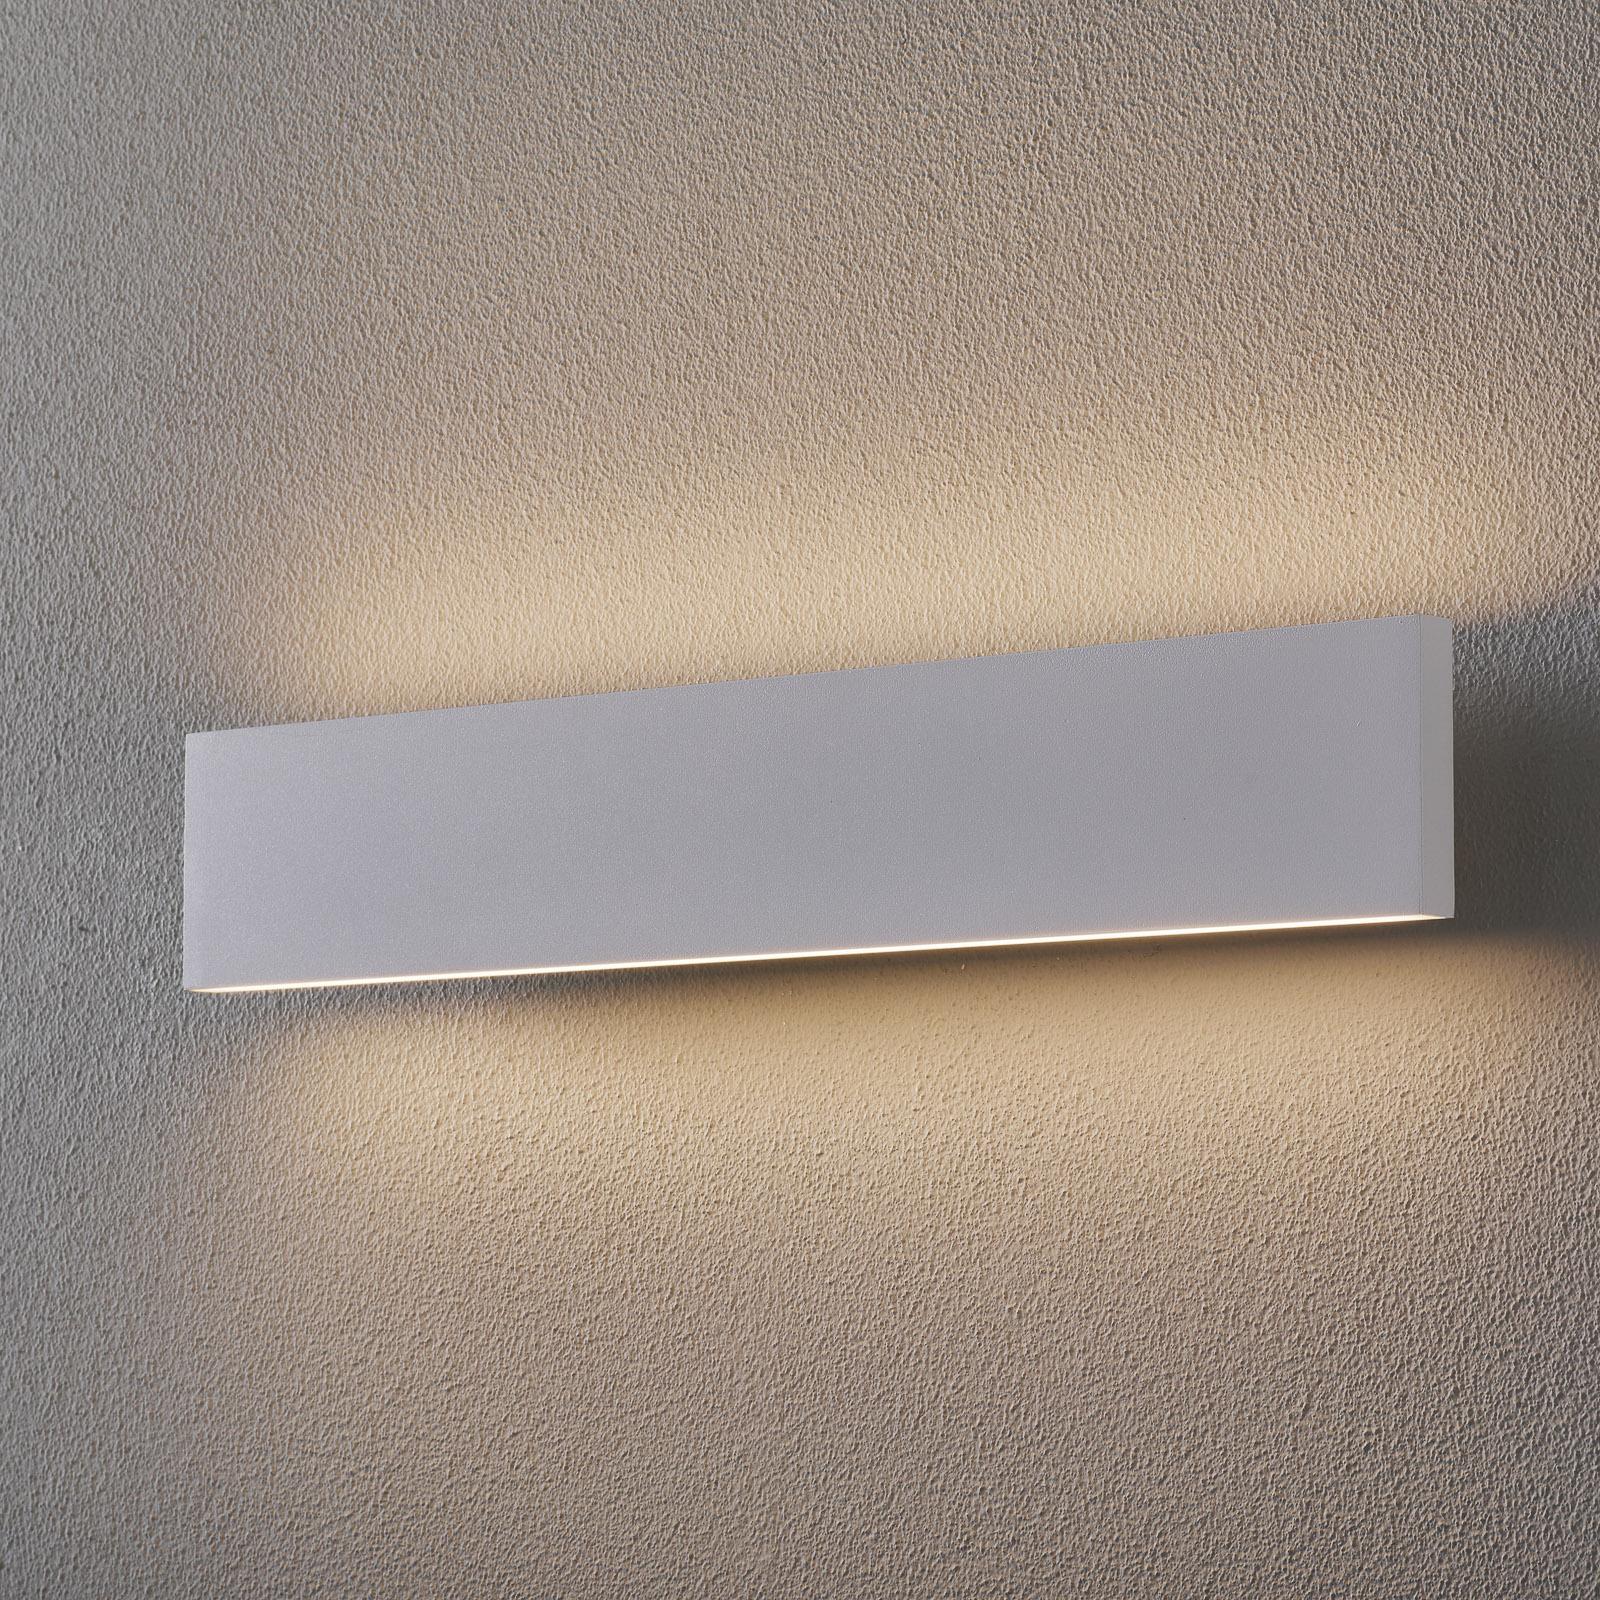 Applique LED Concha 47cm, blanche